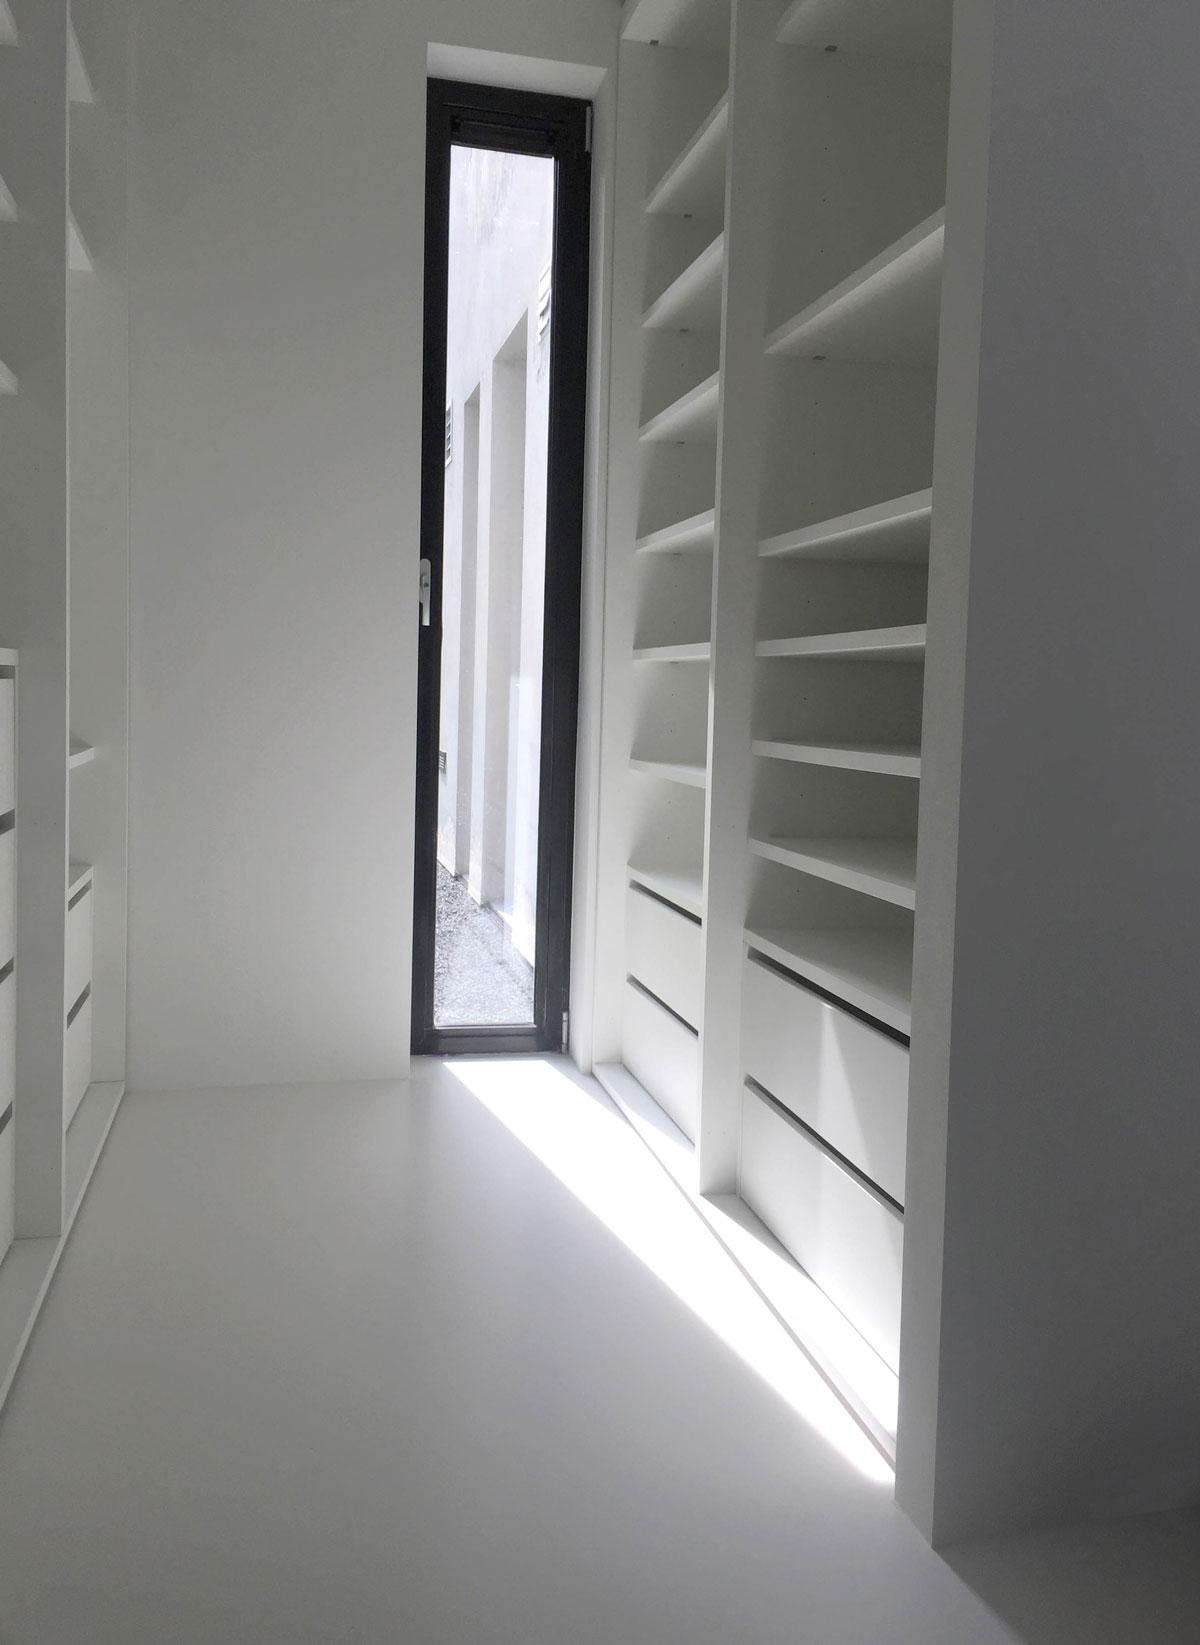 Afbeelding van een design kledingkast op maat zonder deuren, men ziet lades en legplanken, zonlicht schijnt subtiel de ruimte in.